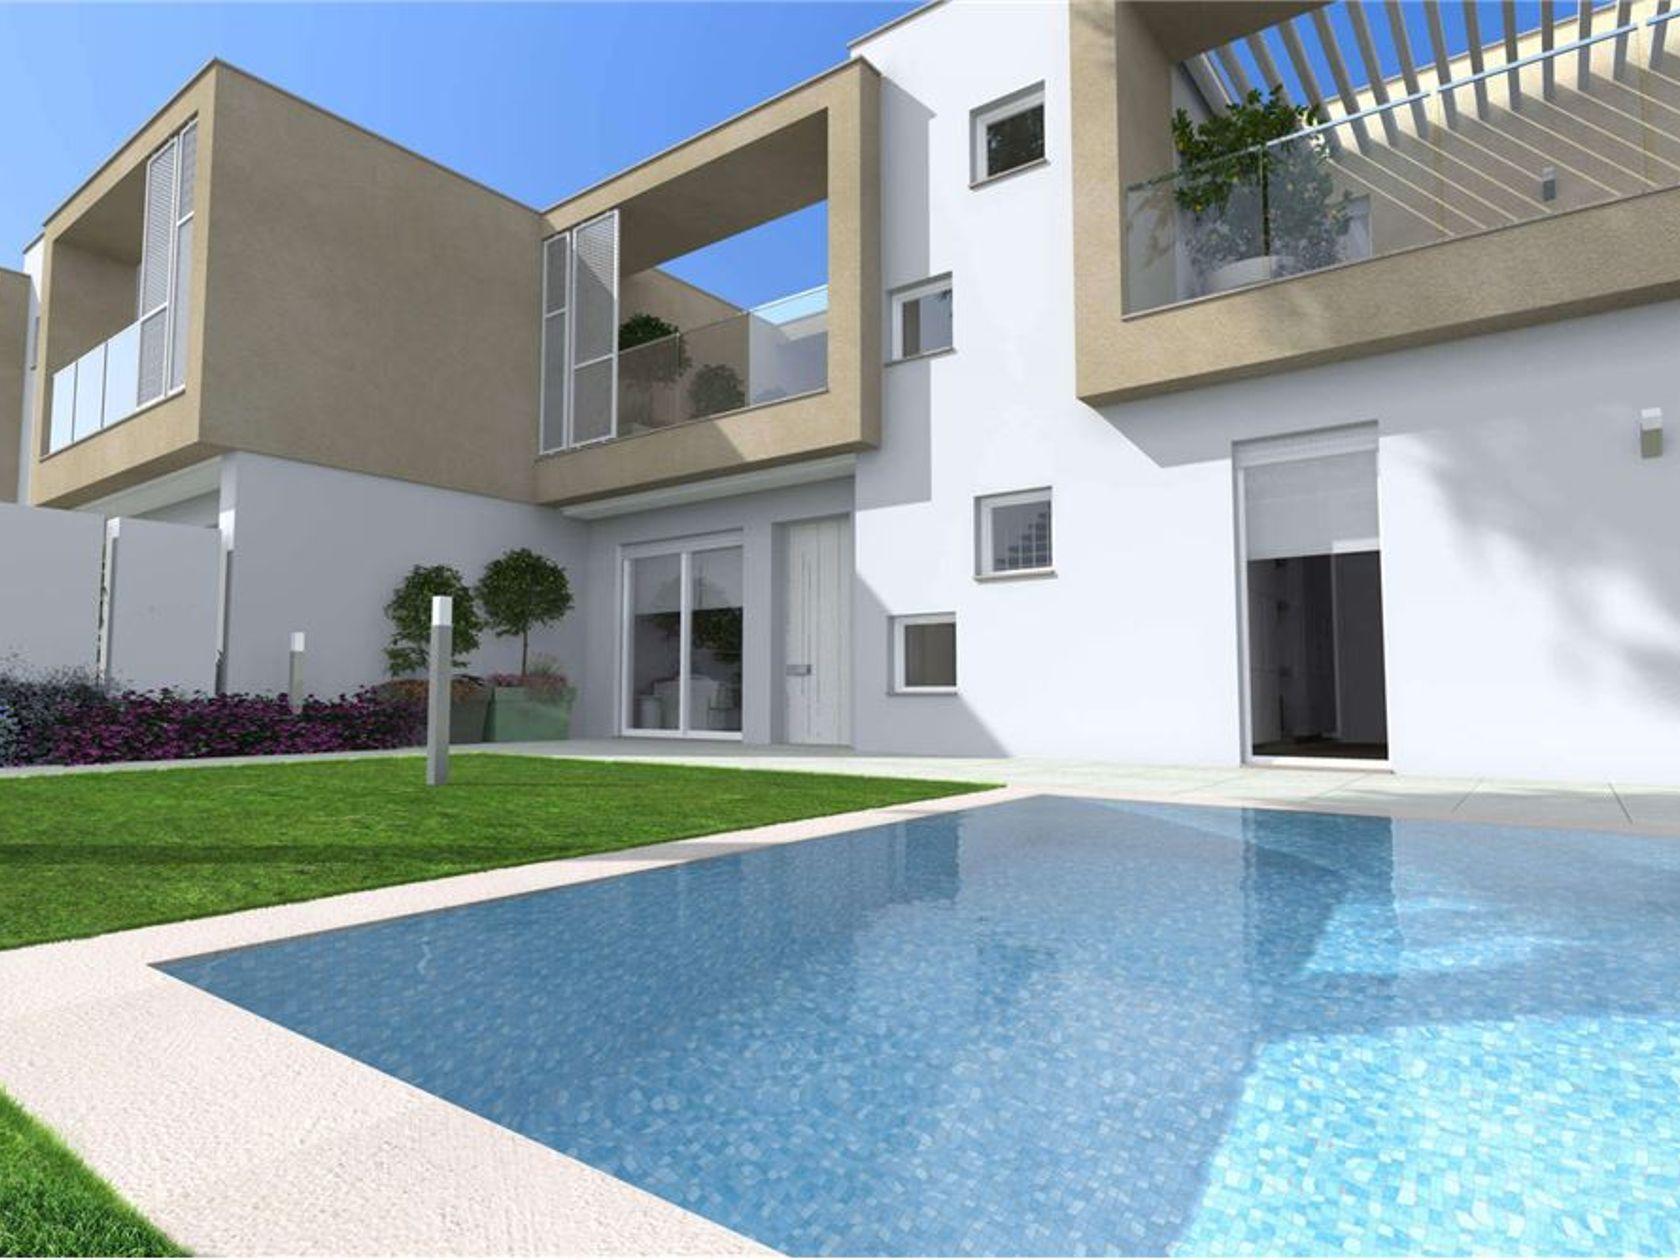 Villa singola Bari - Torre A Mare San Giorgio, Bari, BA Vendita - Foto 2